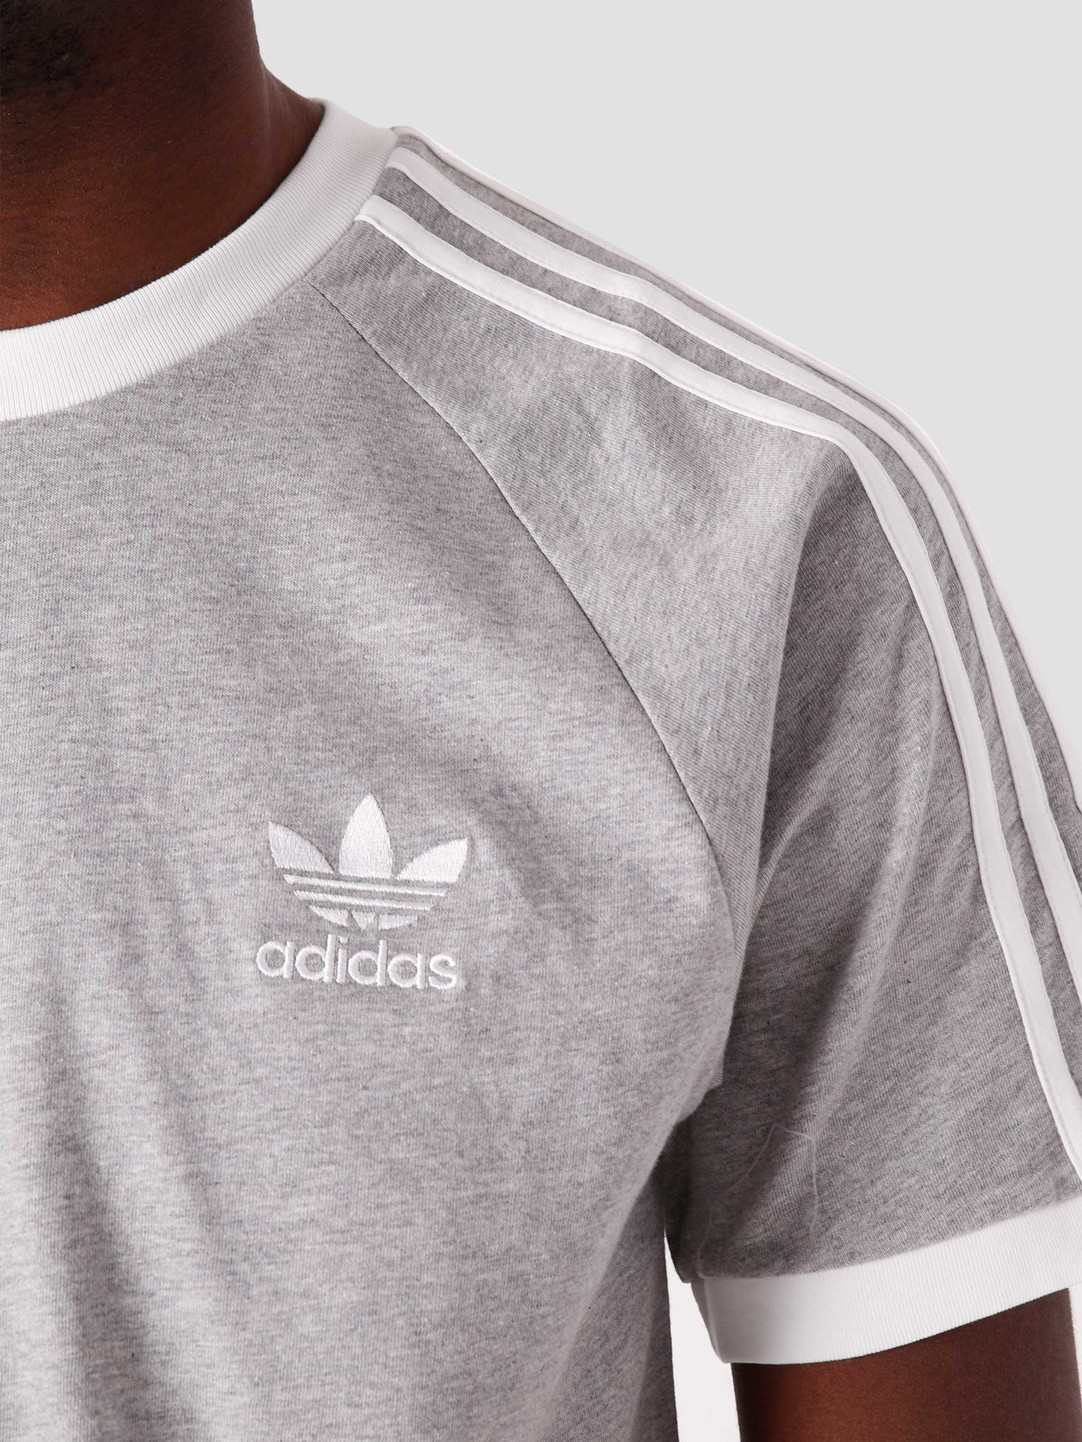 adidas adidas 3 Stripes T-Shirt Grey GN3493